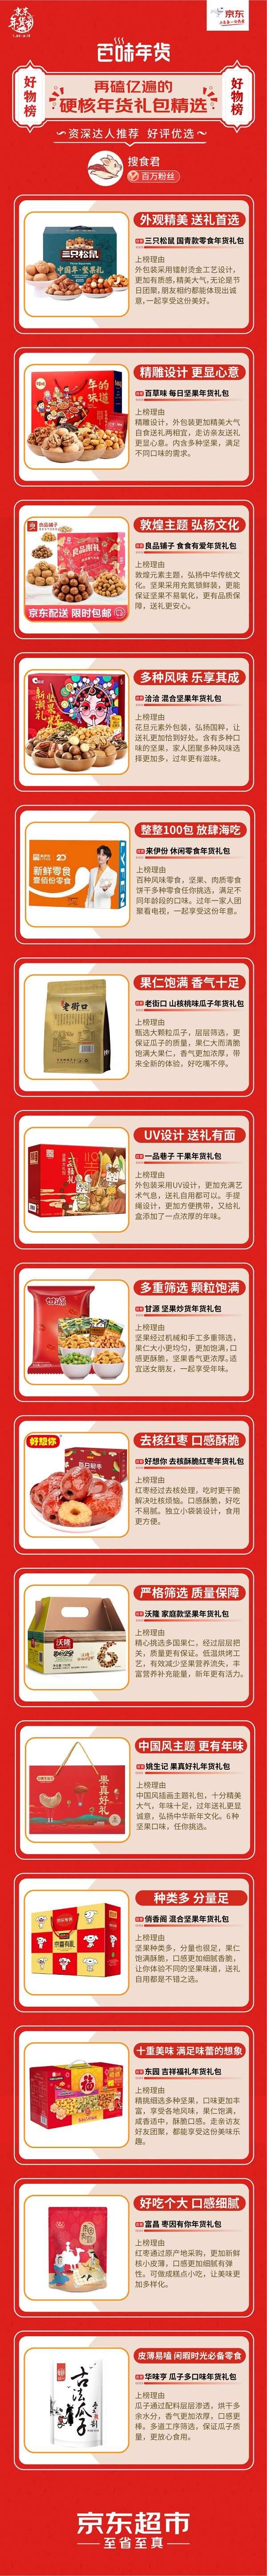 京东超市百味年货好物榜发布:这些硬核年货你get了吗?